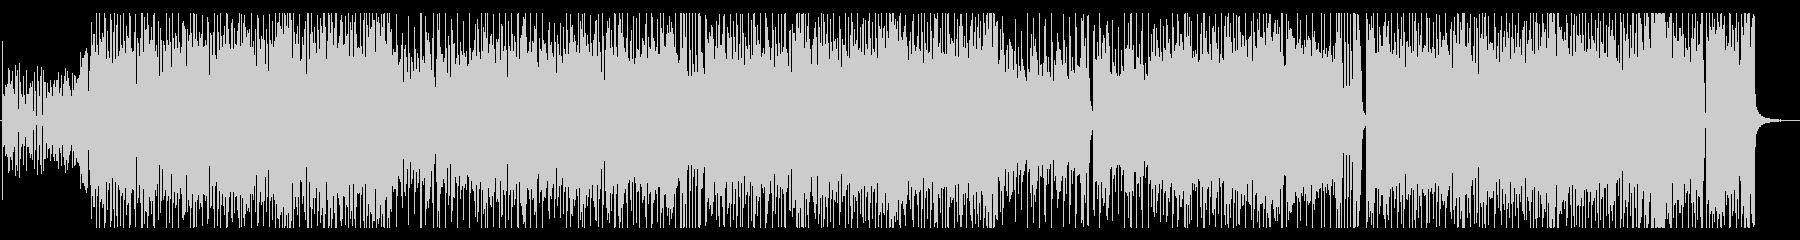 シンプルでノリの良いロックの未再生の波形